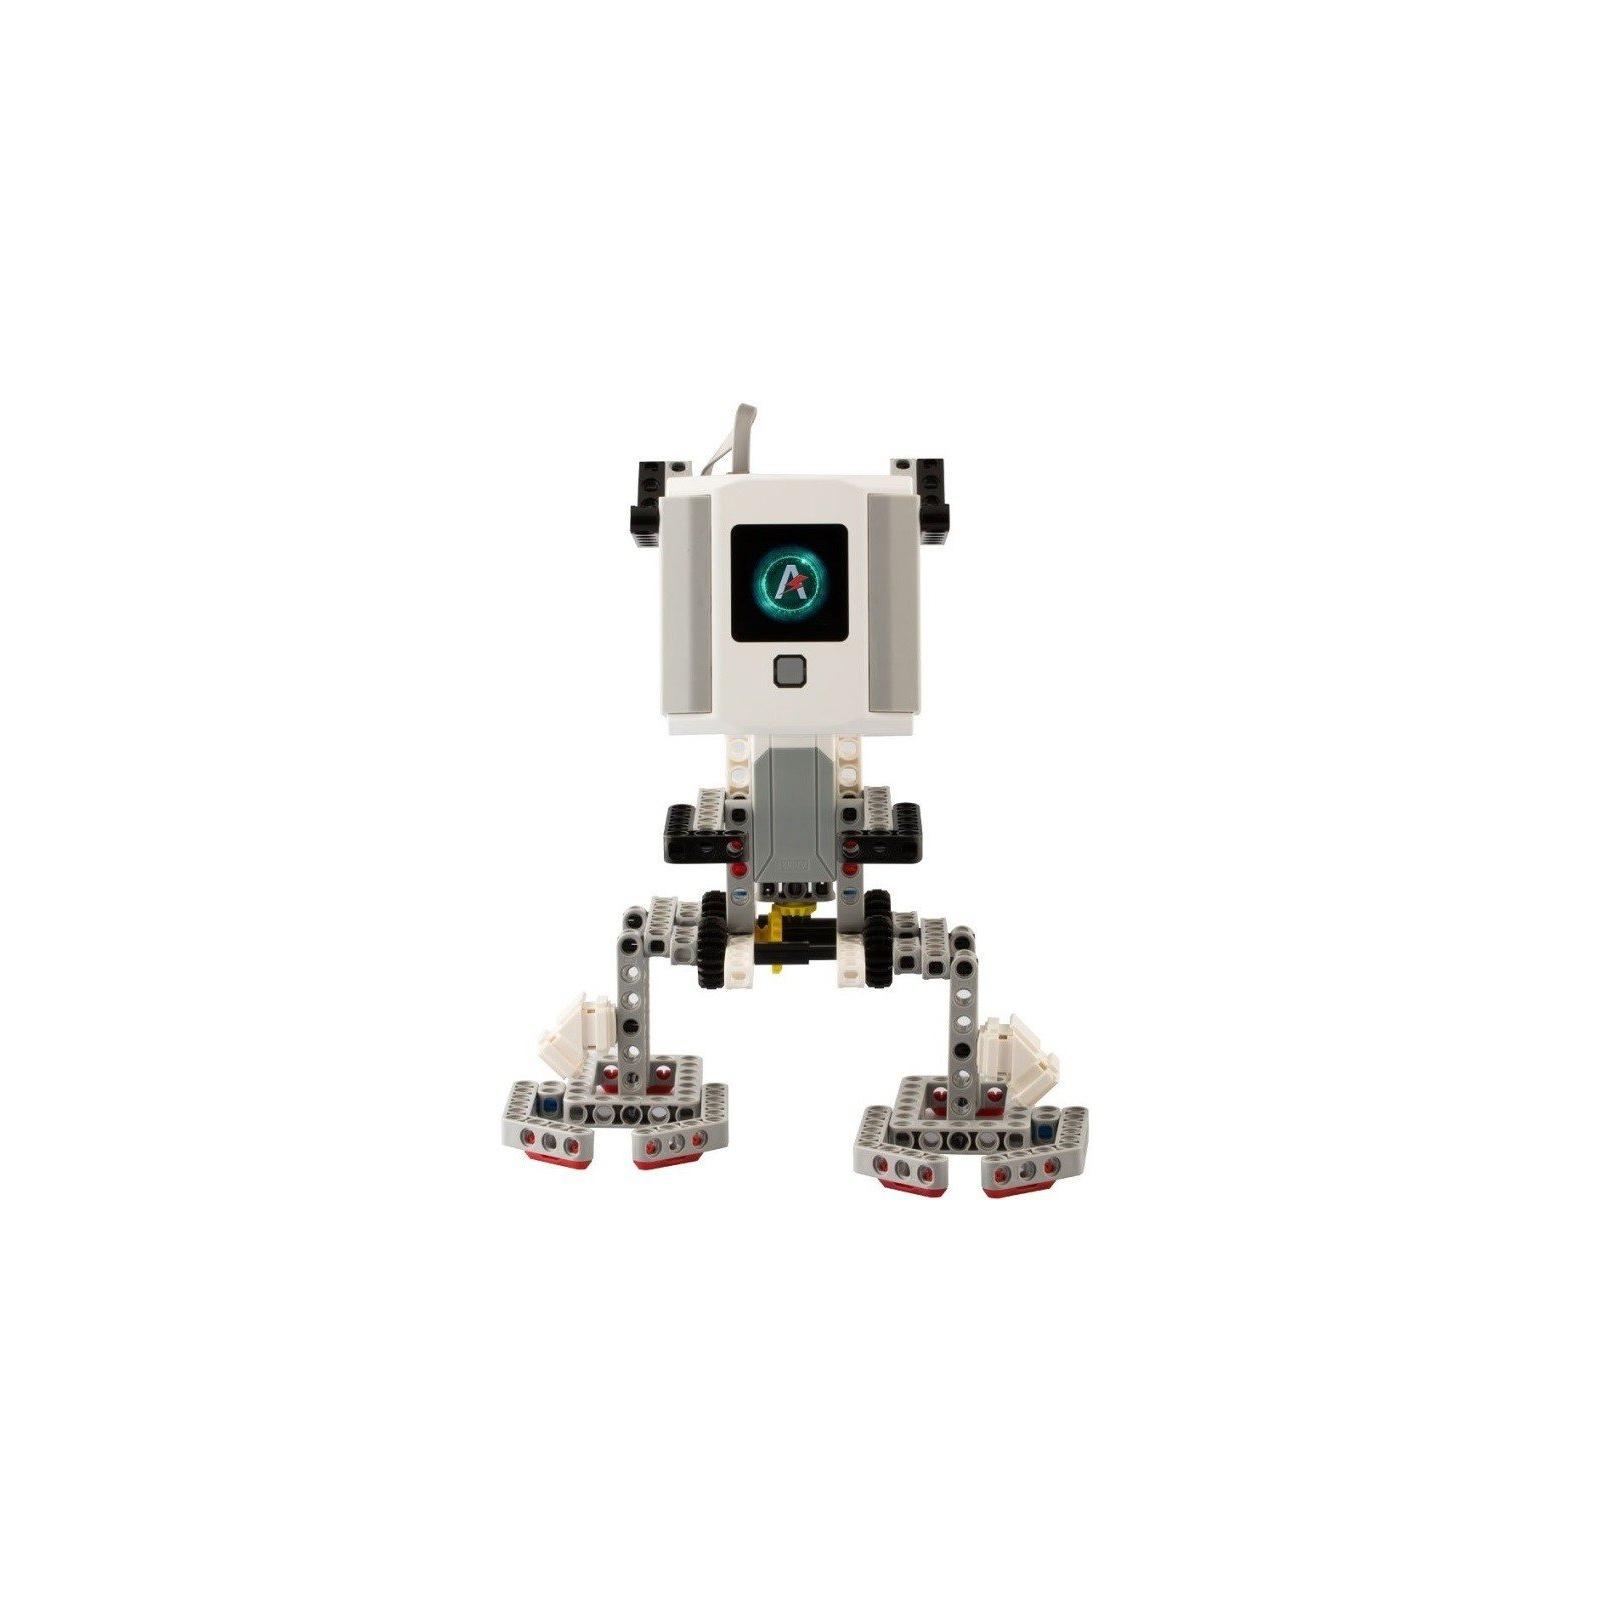 Робот Abilix Krypton 1 (Krypton_1) изображение 2